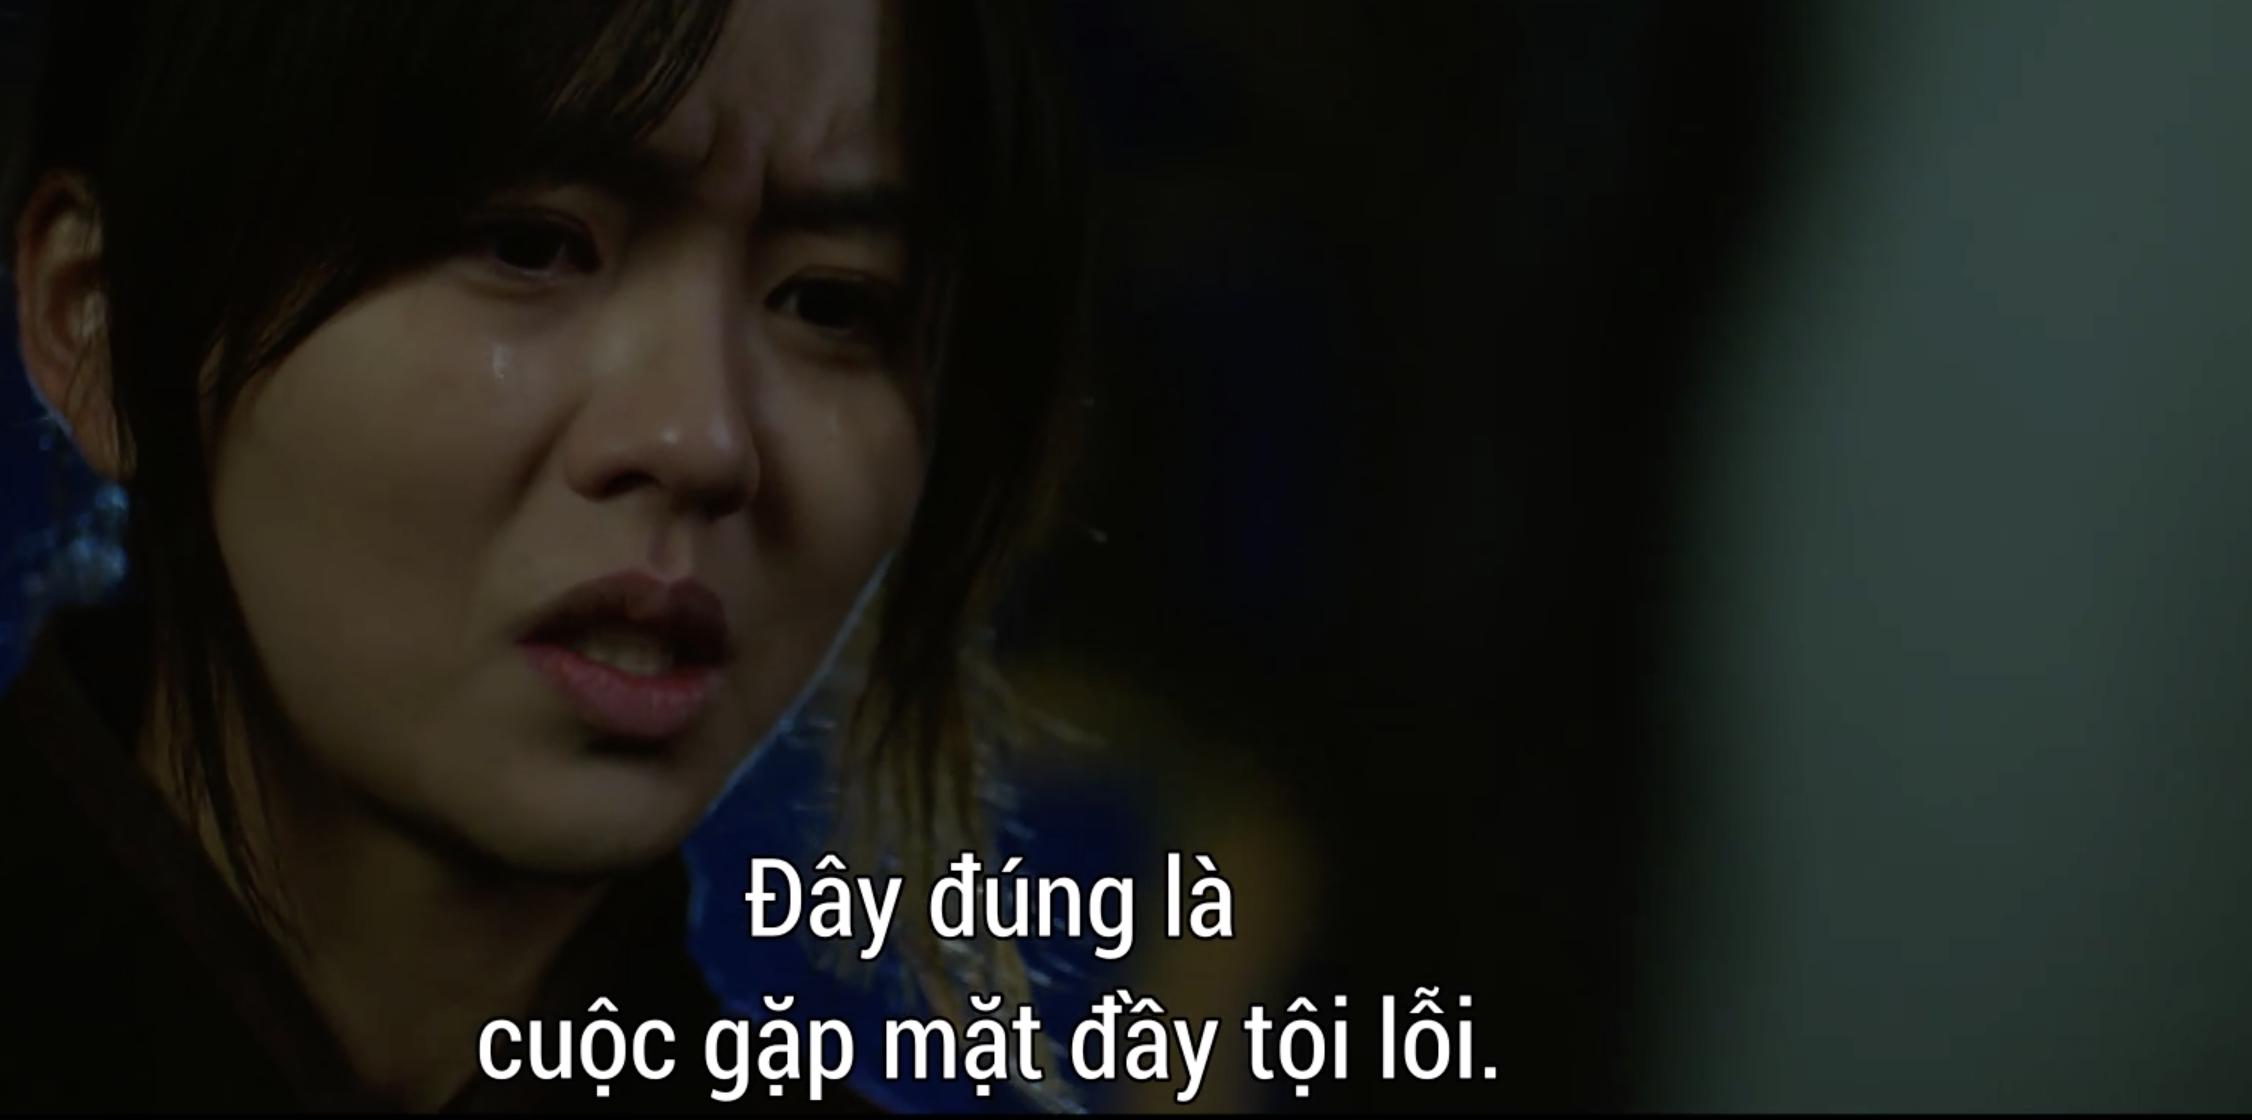 Vừa mới dẫn Kim So Hyun về ra mắt, Ji Soo phát hiện crush là kẻ gián tiếp giết cha ở Sông Đón Trăng Lên? - Ảnh 11.